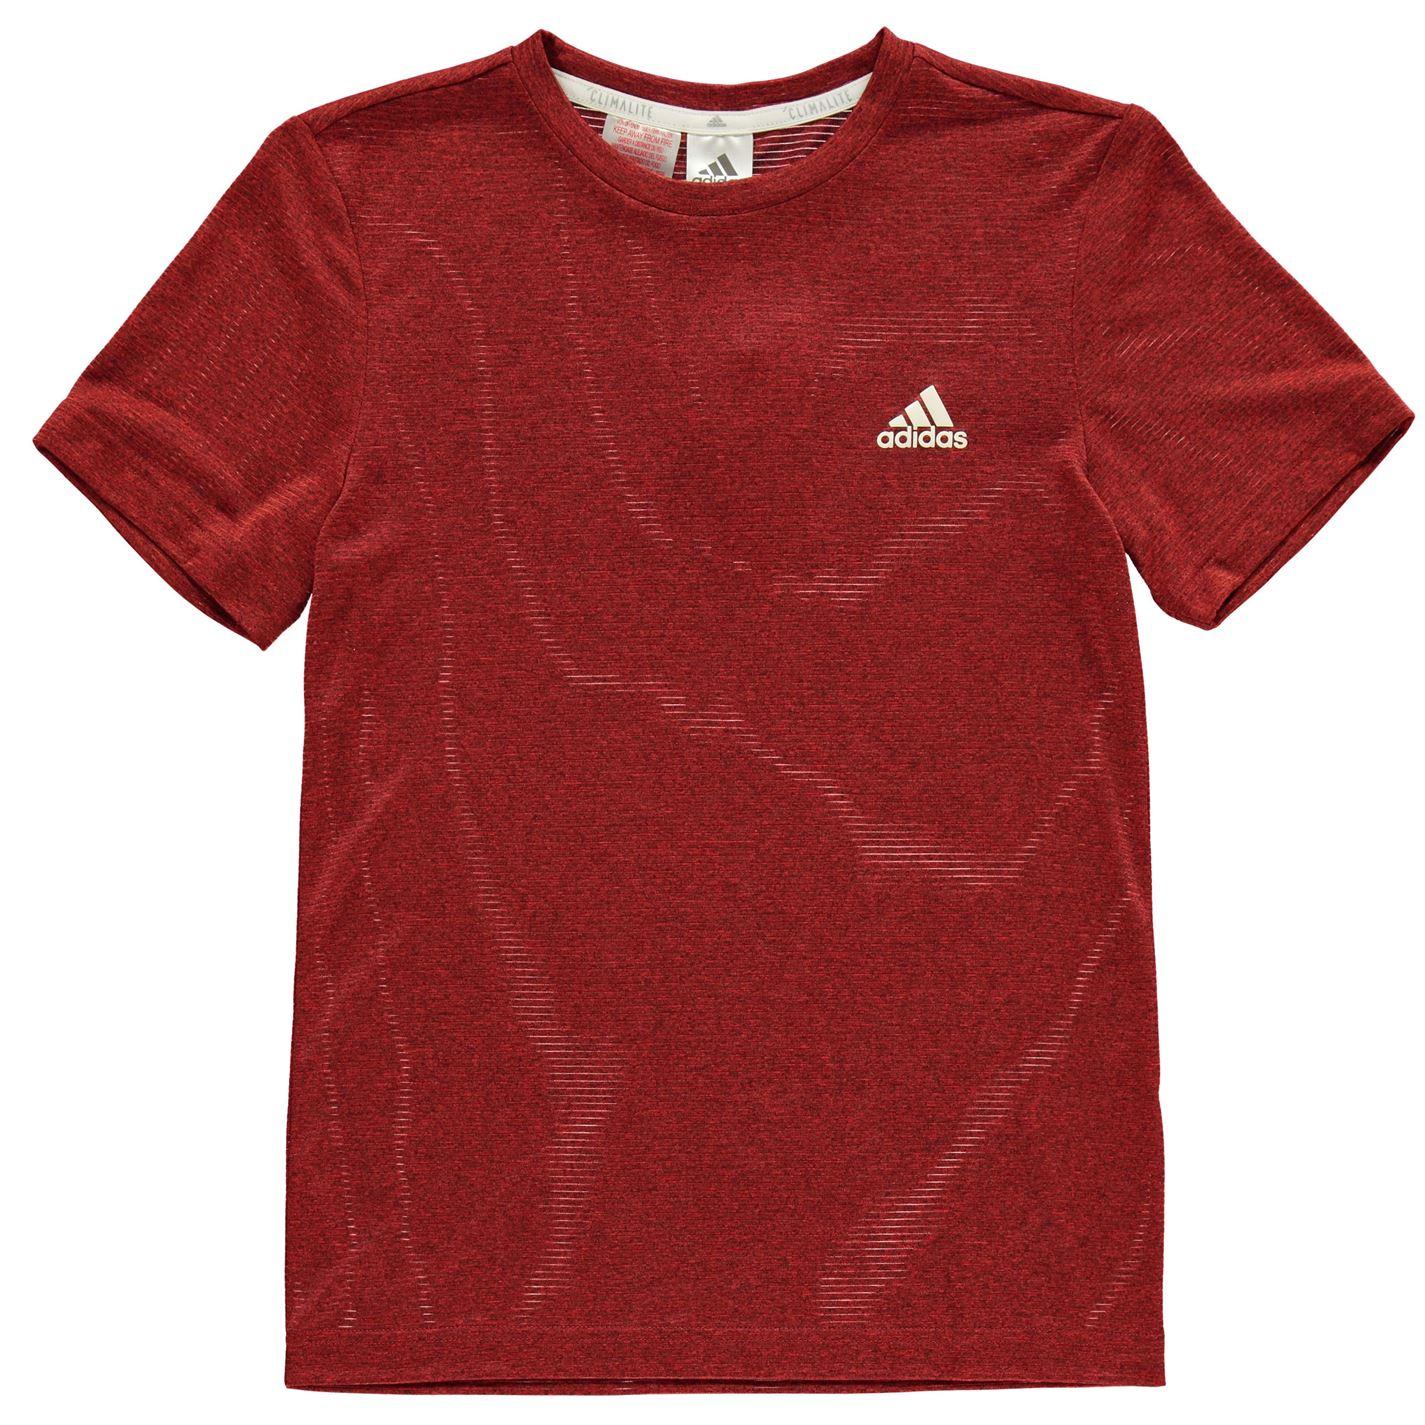 Adidas Tex Training T Shirt Junior Boys